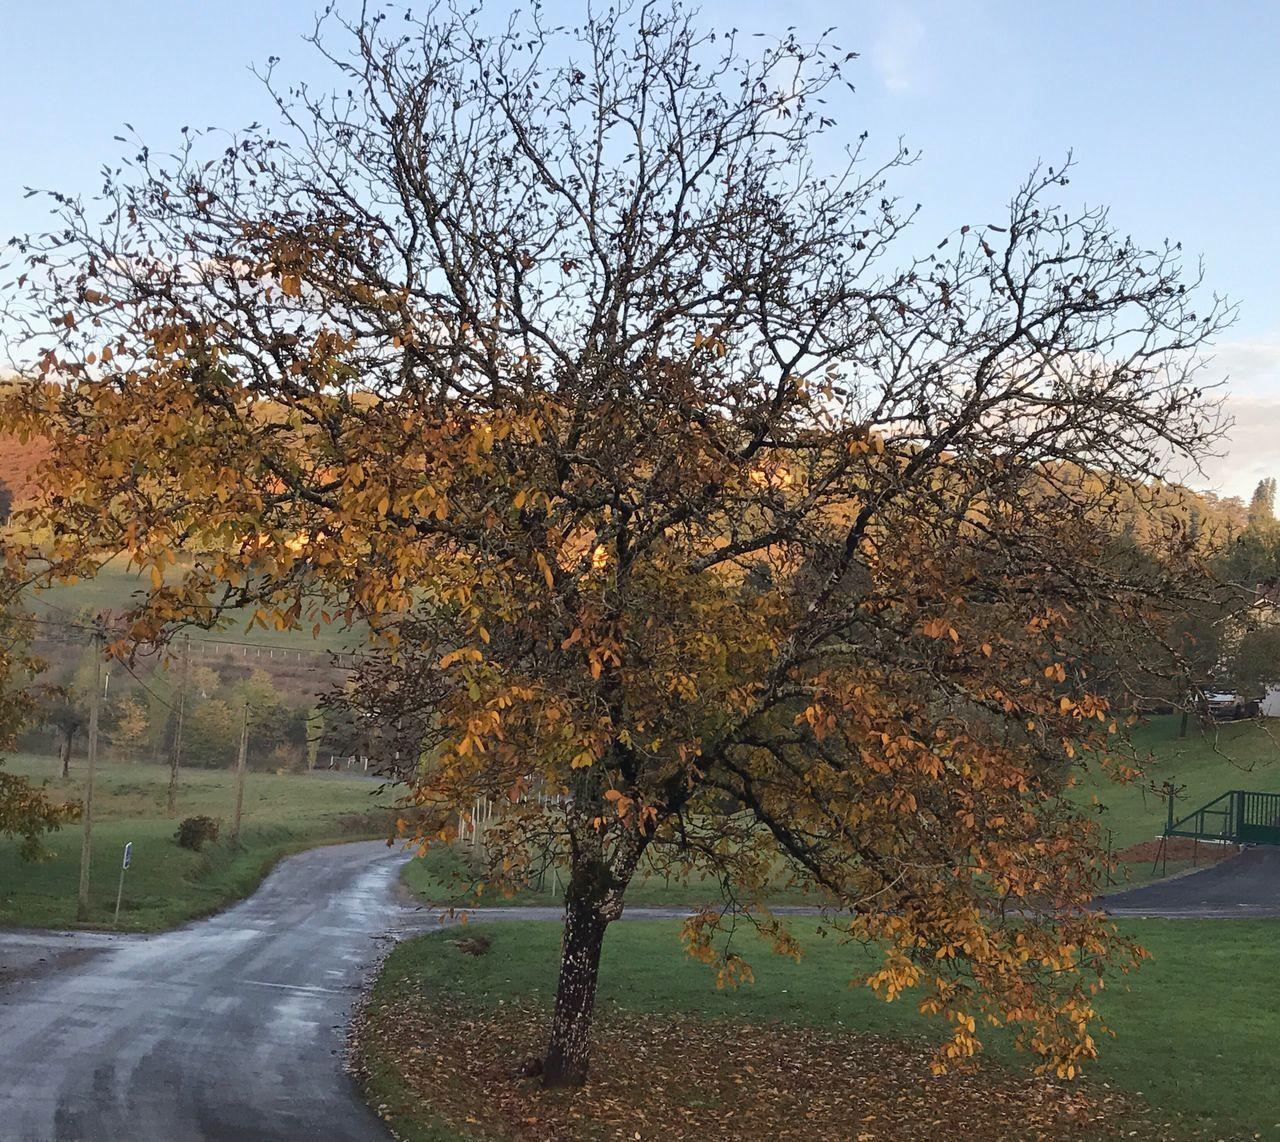 Tree Autumn Nature Beauty In Nature Branch No People Tranquility Rainy Days France Perigord Change Scenics Landscape Melancolic Petite promenade au cœur de la campagne périgourdine ❤️❤️❤️